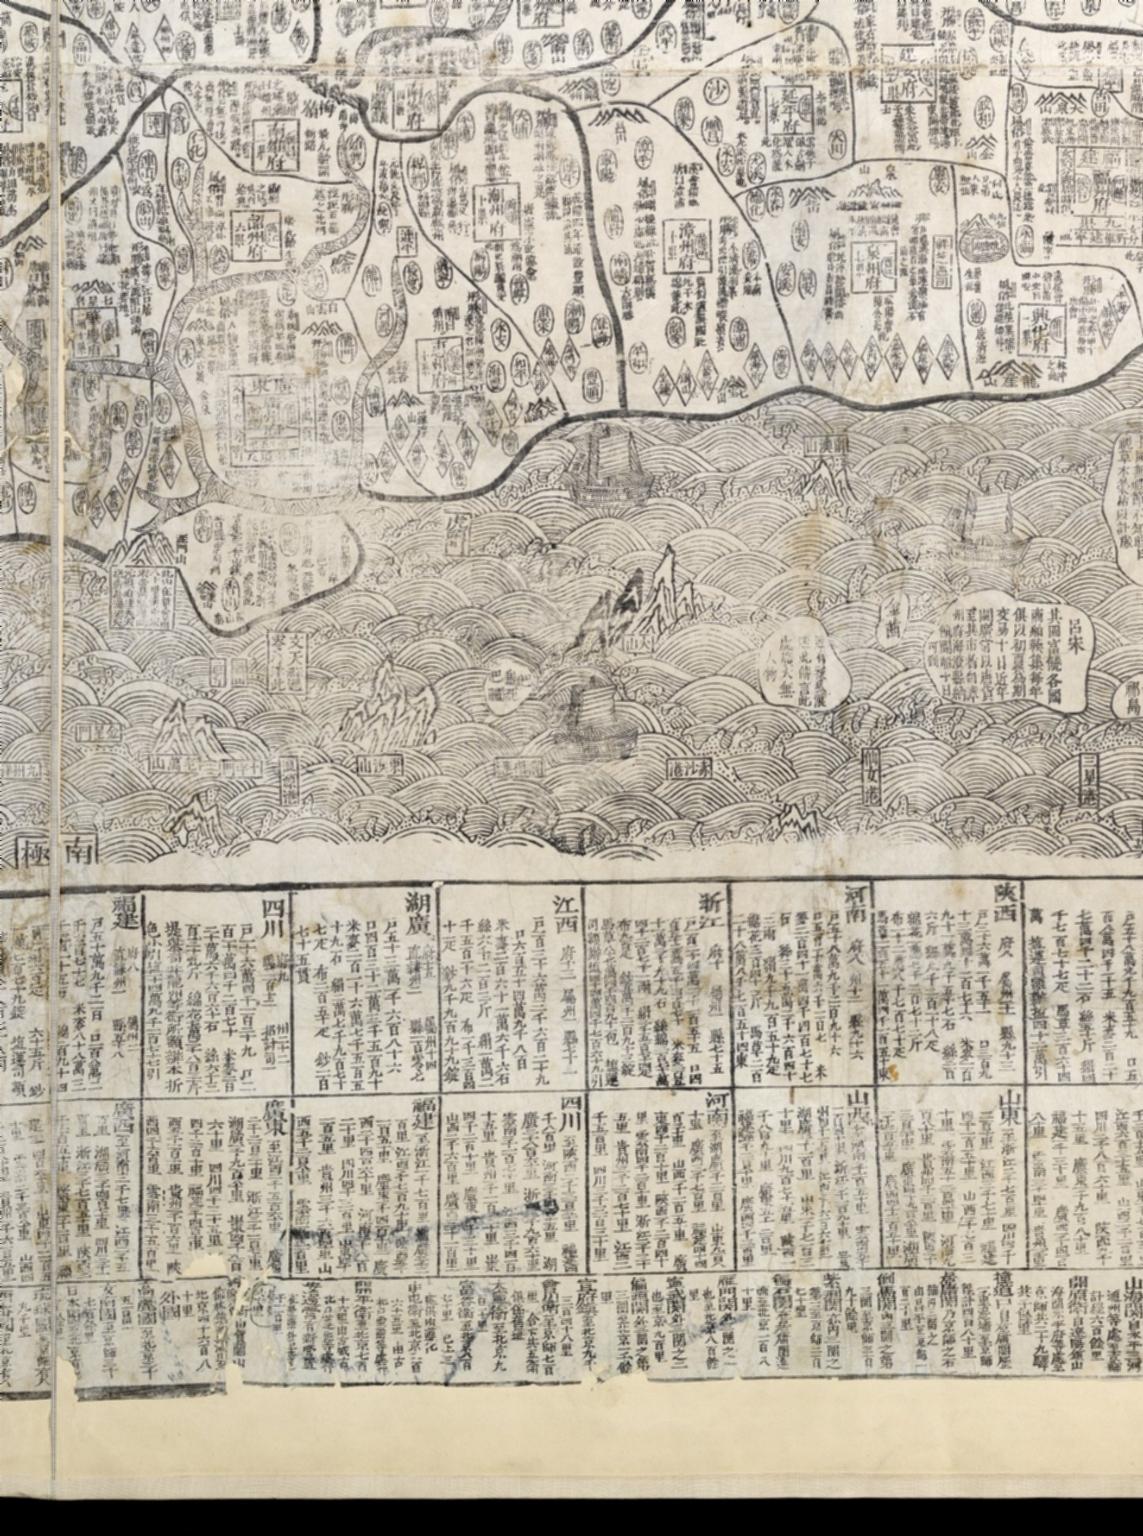 [Carte de la Chine]. Part 15